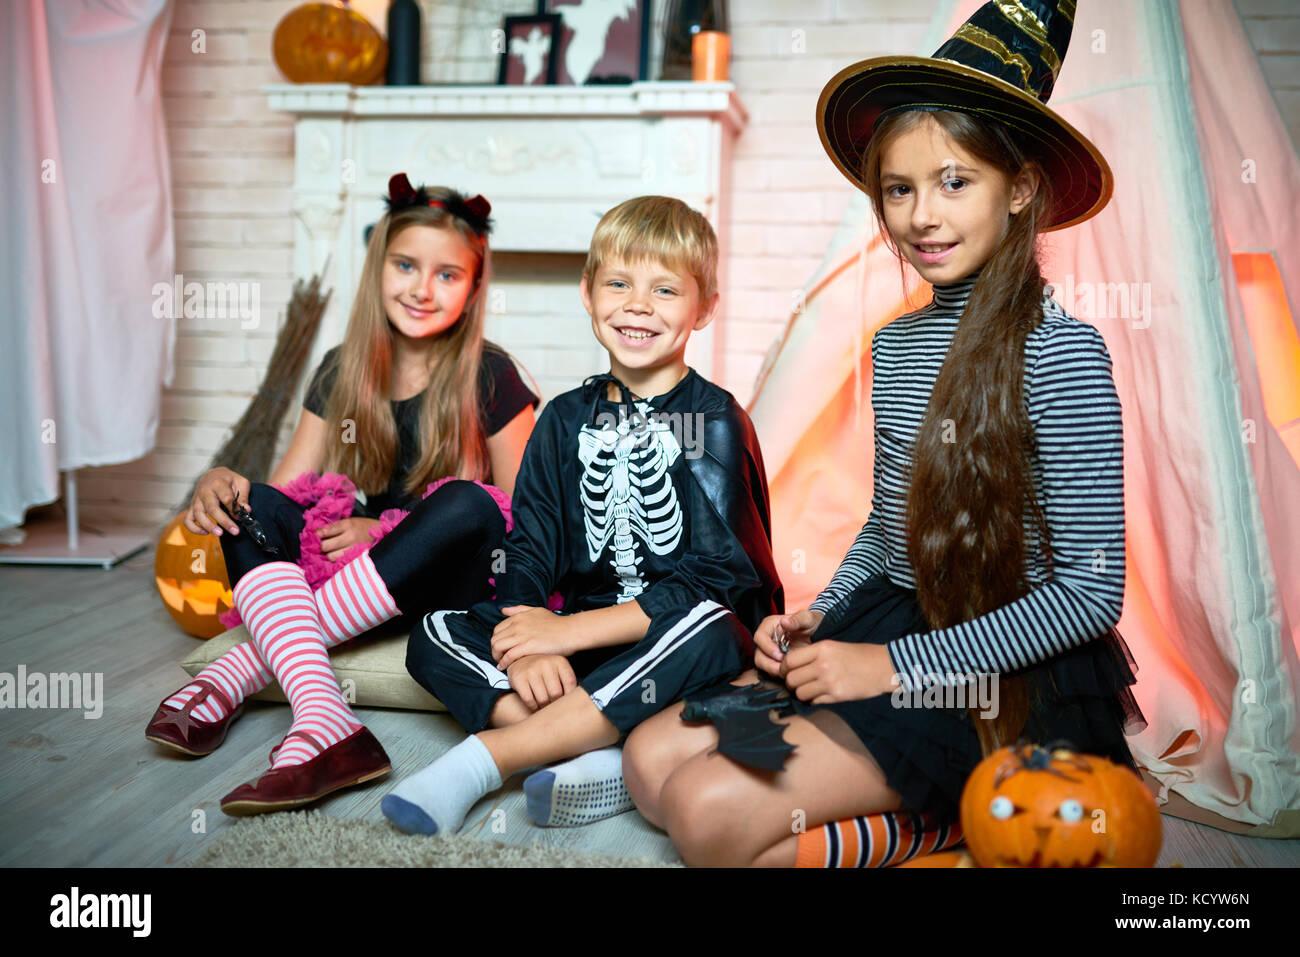 Ritratto di tre bambini che indossano costumi di Halloween in posa guardando la telecamera seduta sul pavimento Immagini Stock